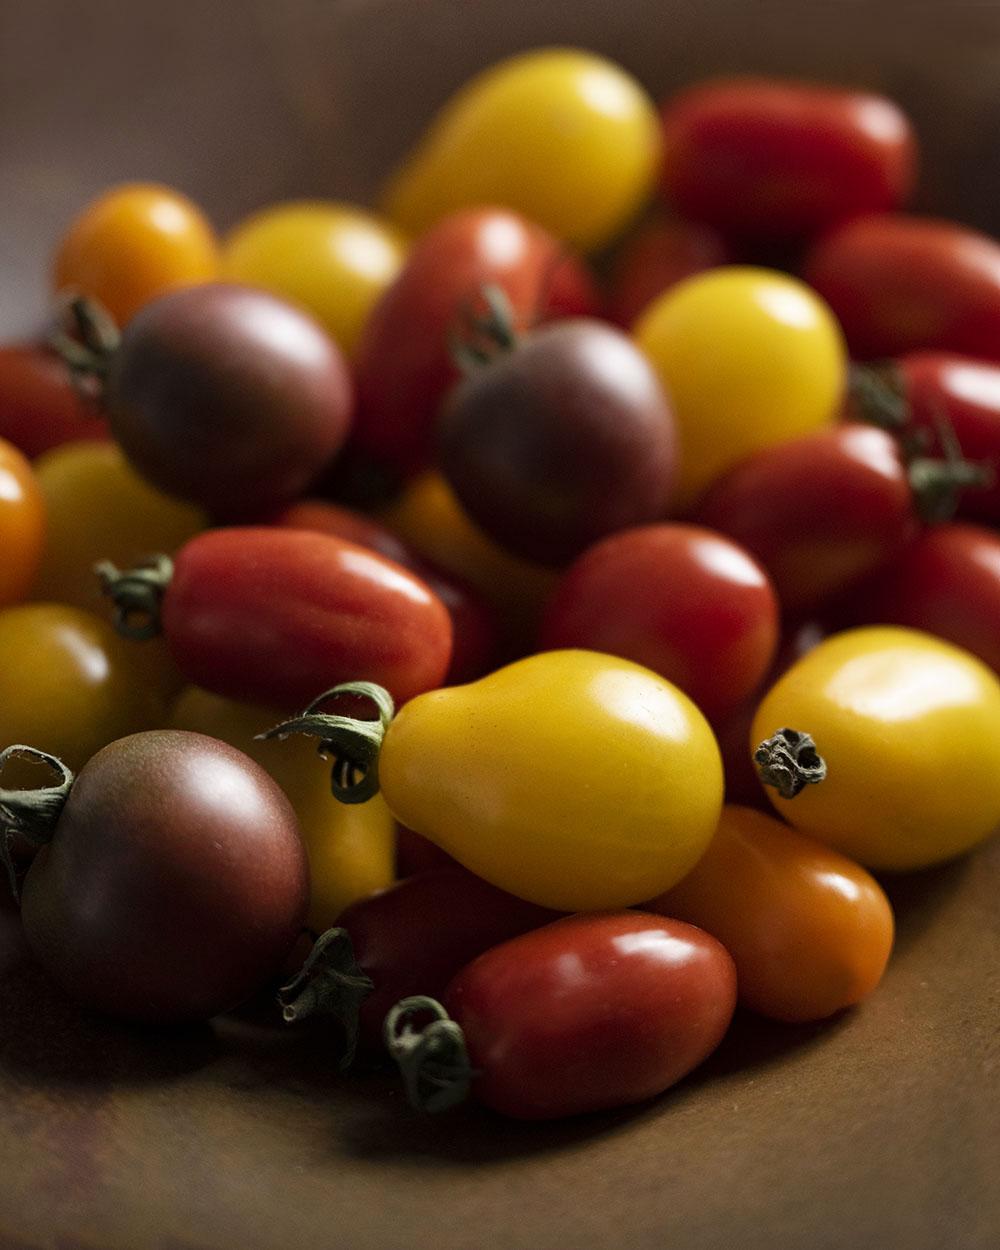 Bunte frische Tomaten auf einem Teller.